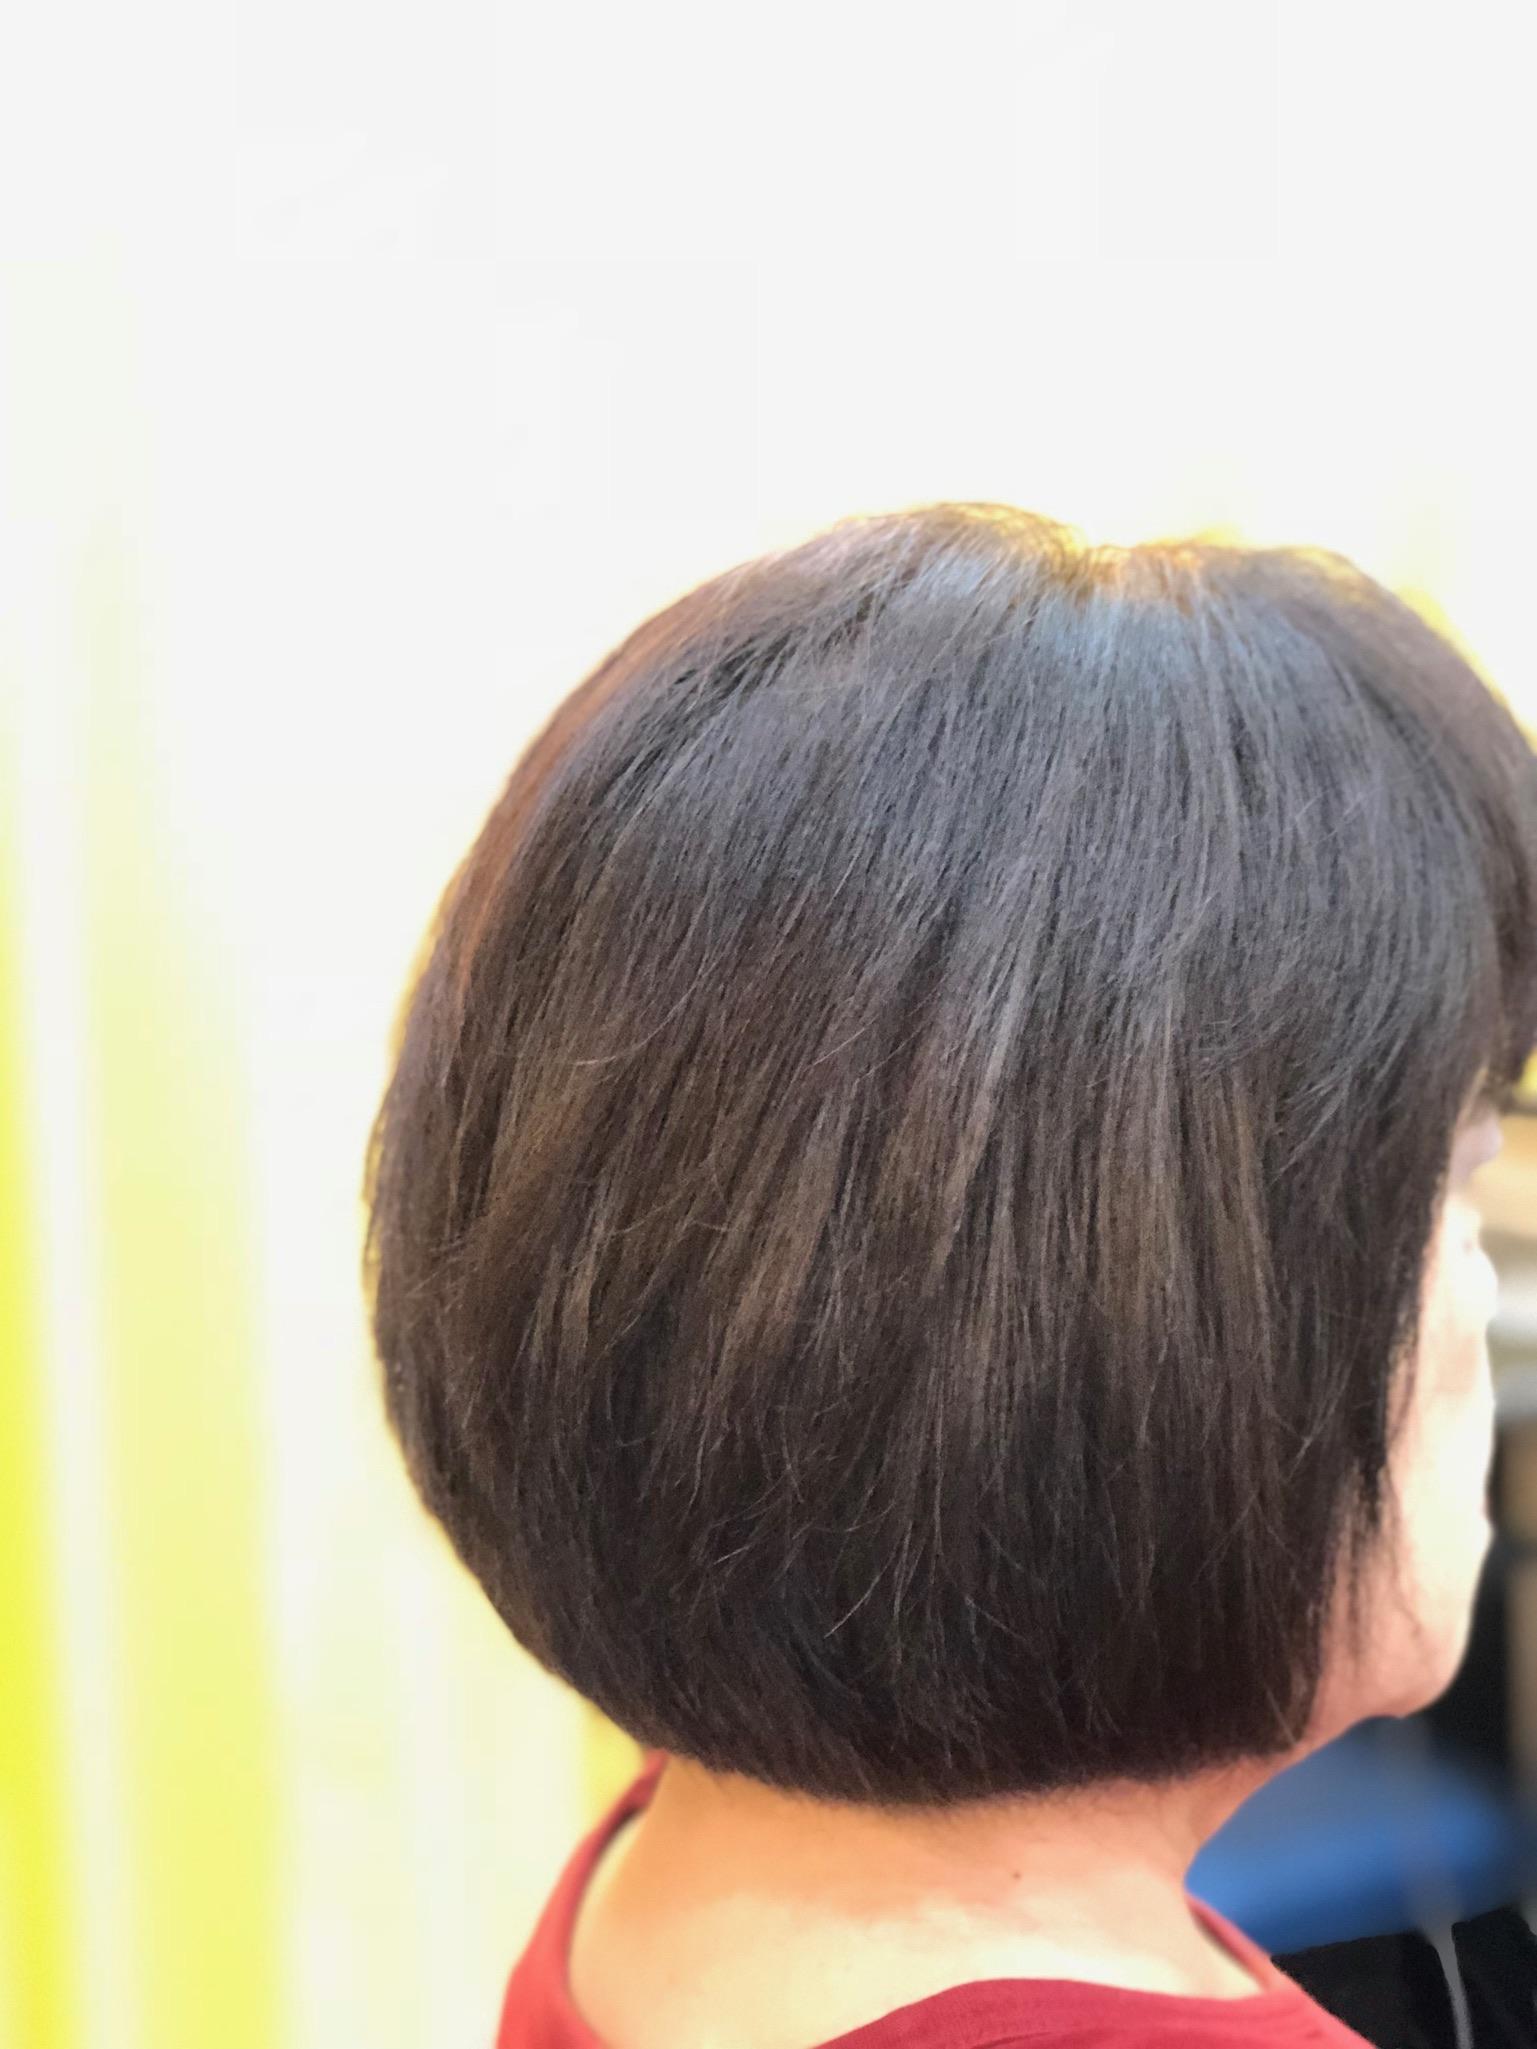 くせ毛でもキュビズムボブで楽ちんヘアーに